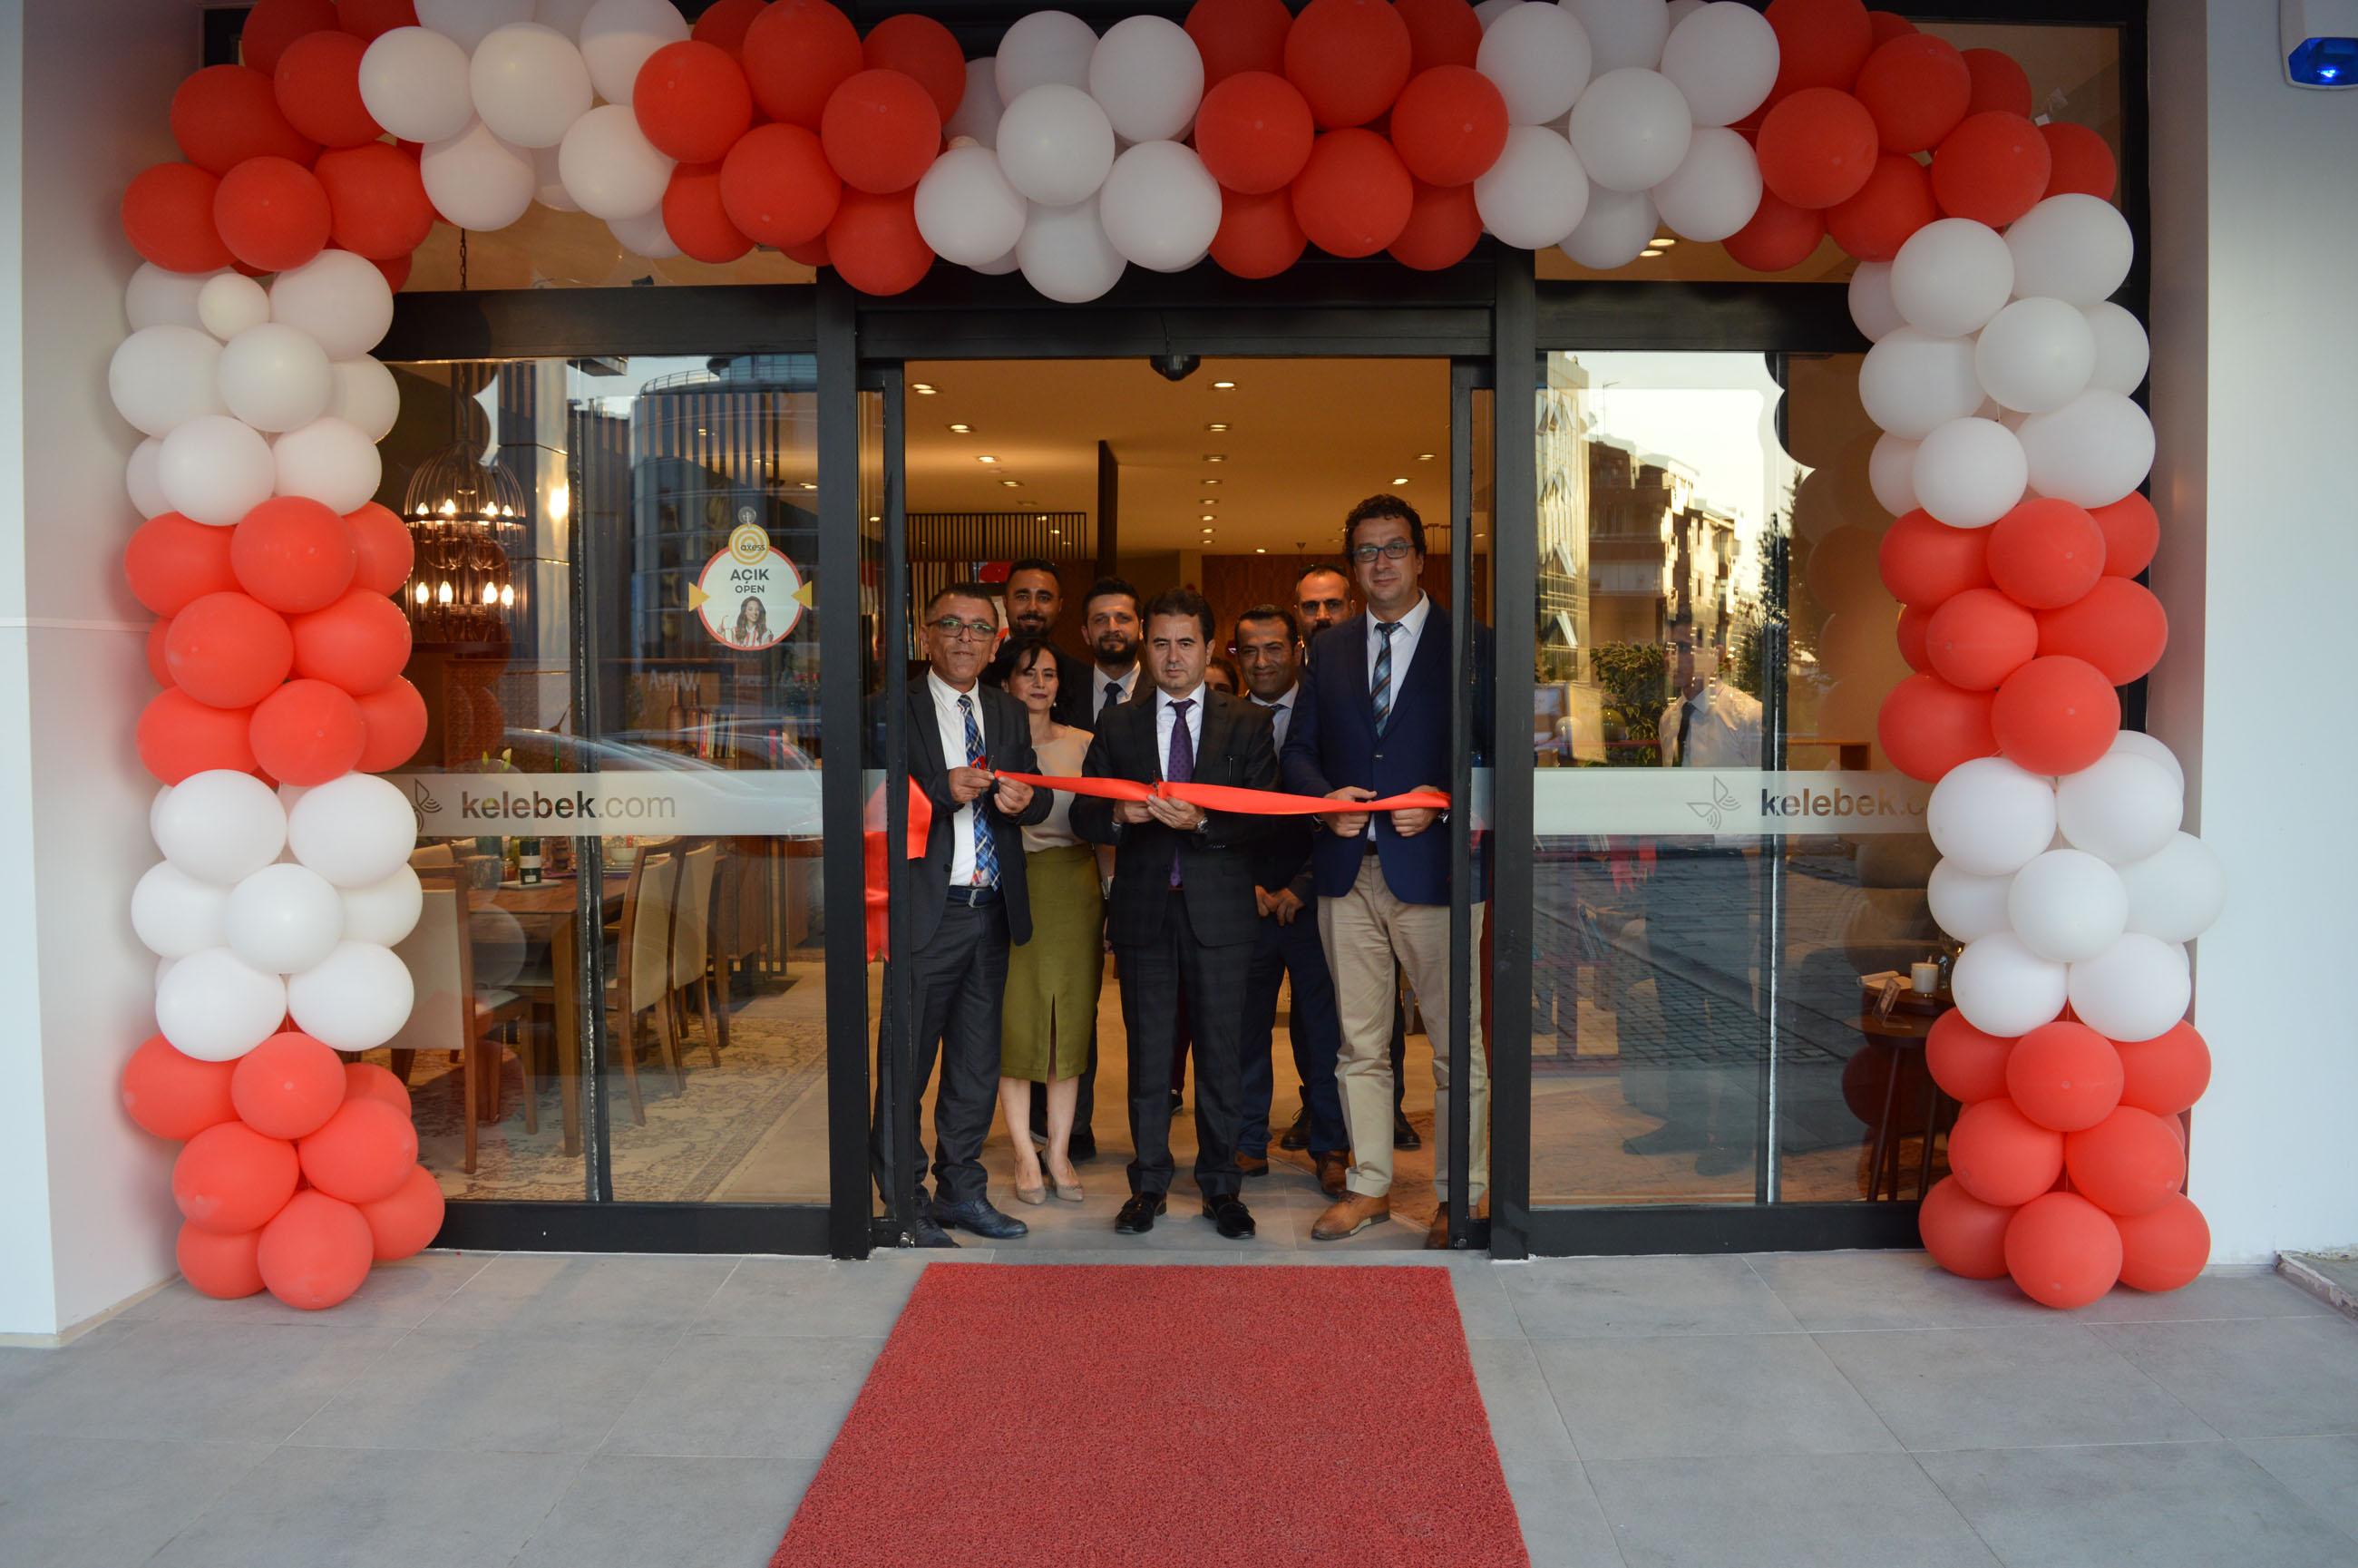 Kelebek Mobilya, Ankara'da 1 günde 6 yeni mağaza açtı!